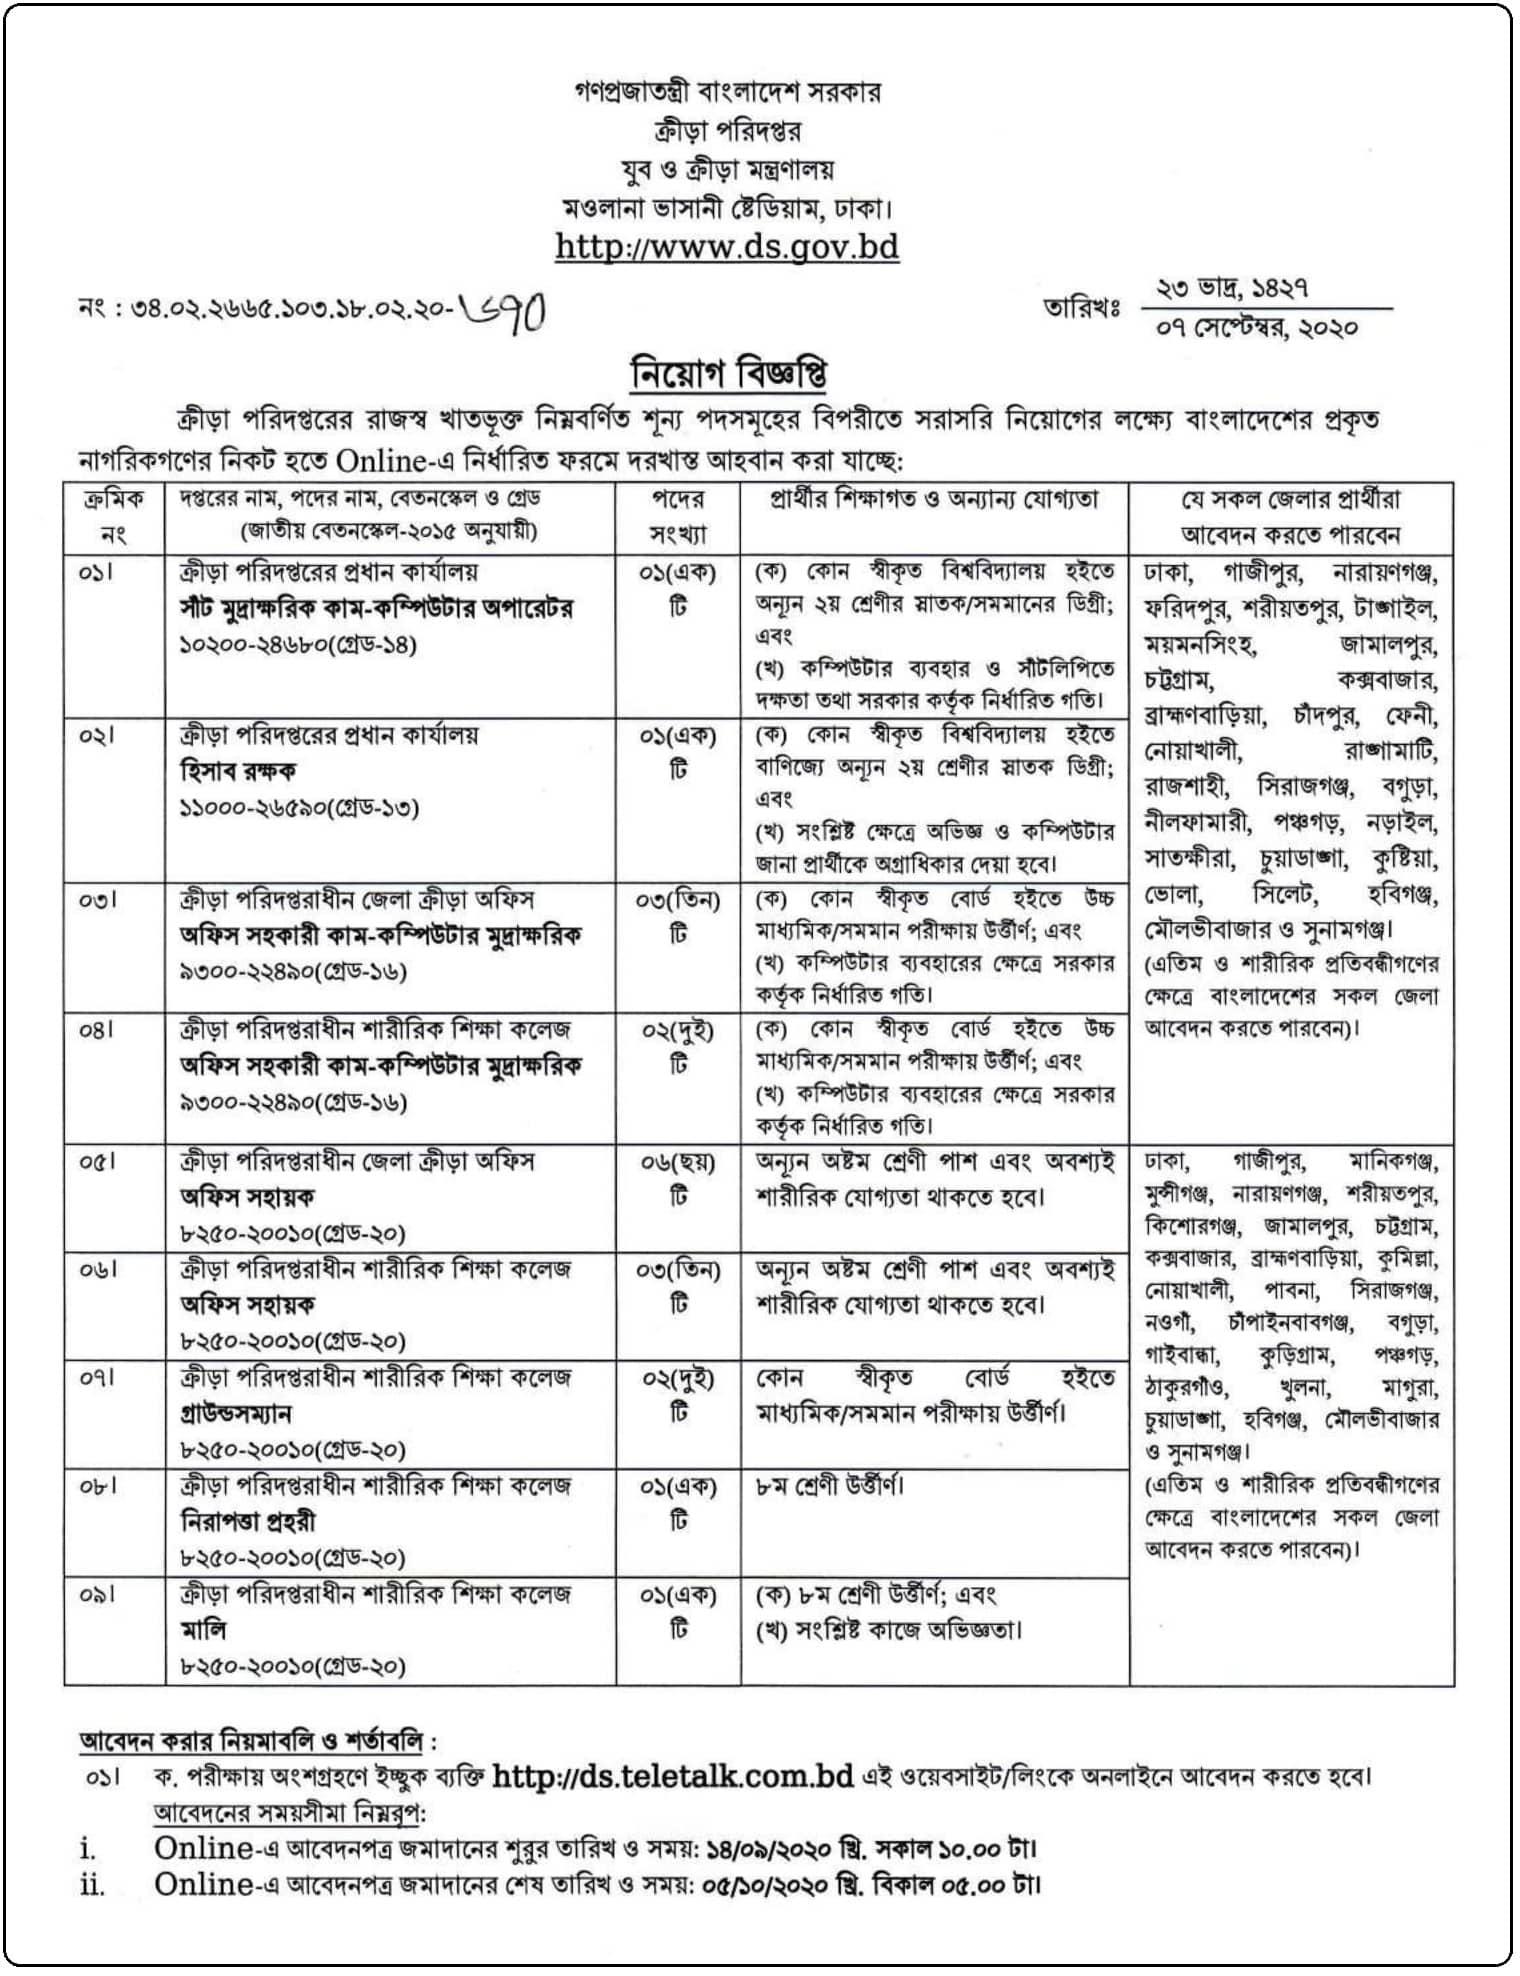 ক্রীড়া পরিদপ্তর নিয়োগ বিজ্ঞপ্তি   DS Job Circular 2020